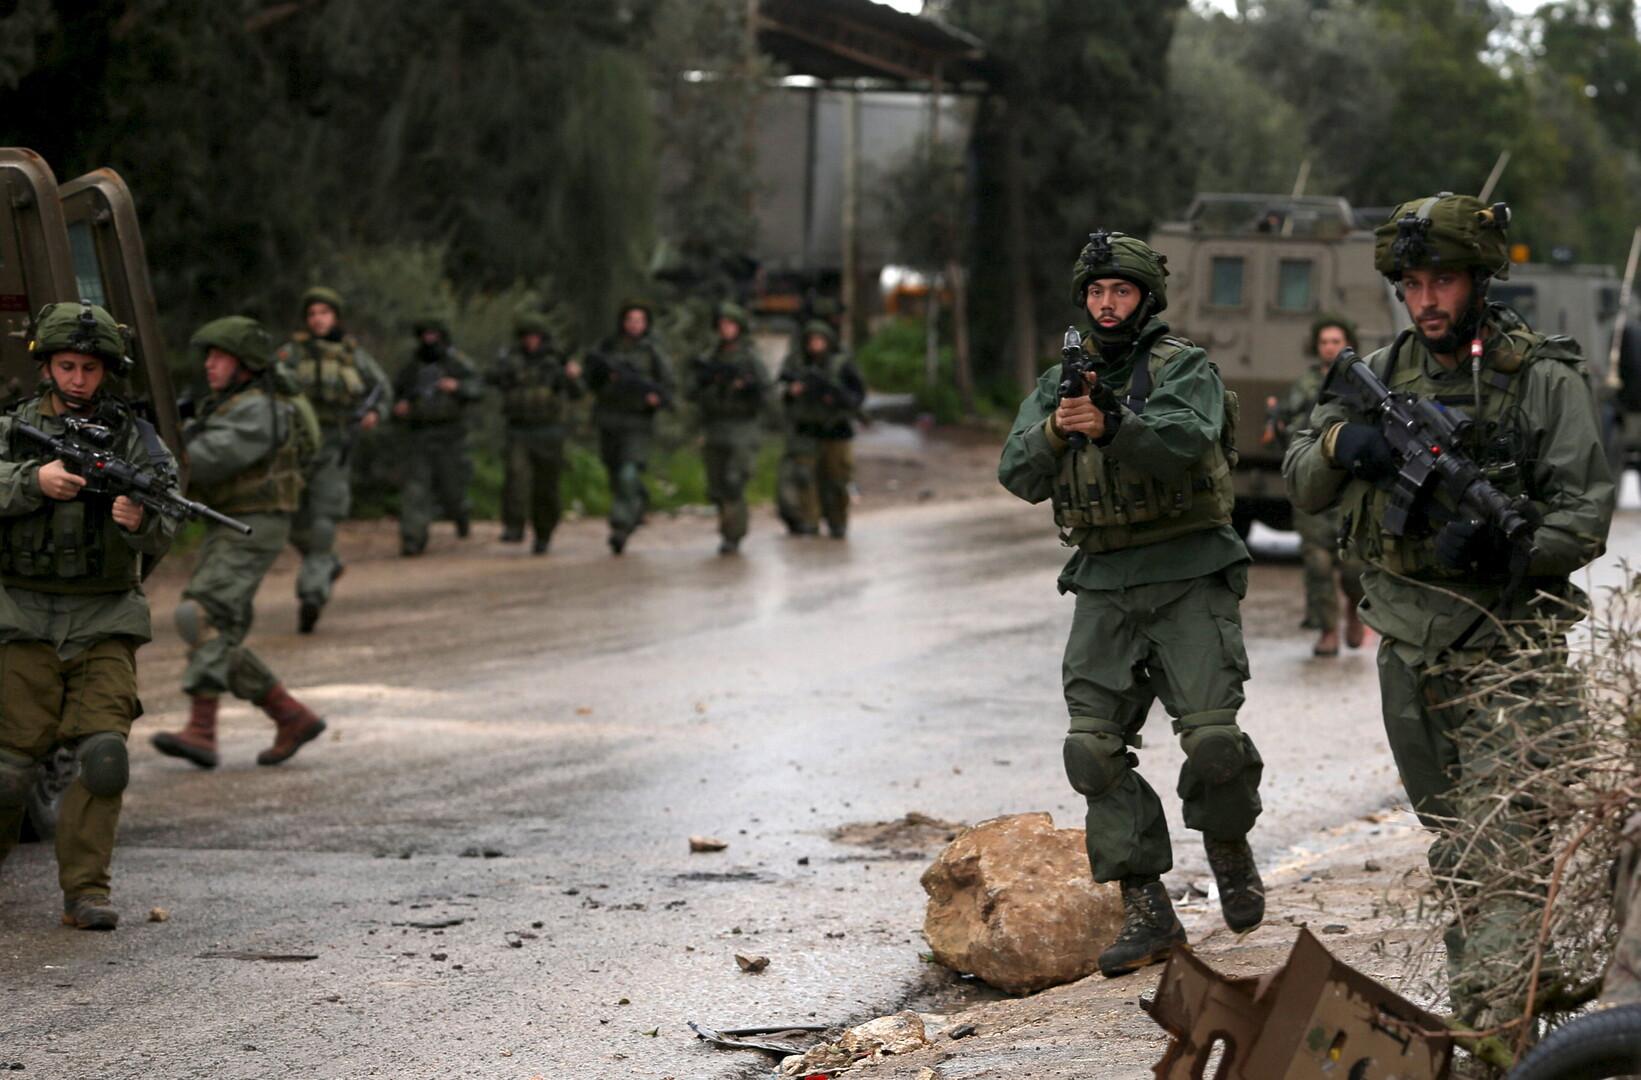 إسرائيل تعتقل 13 فلسطينيا في الضفة بتهمة